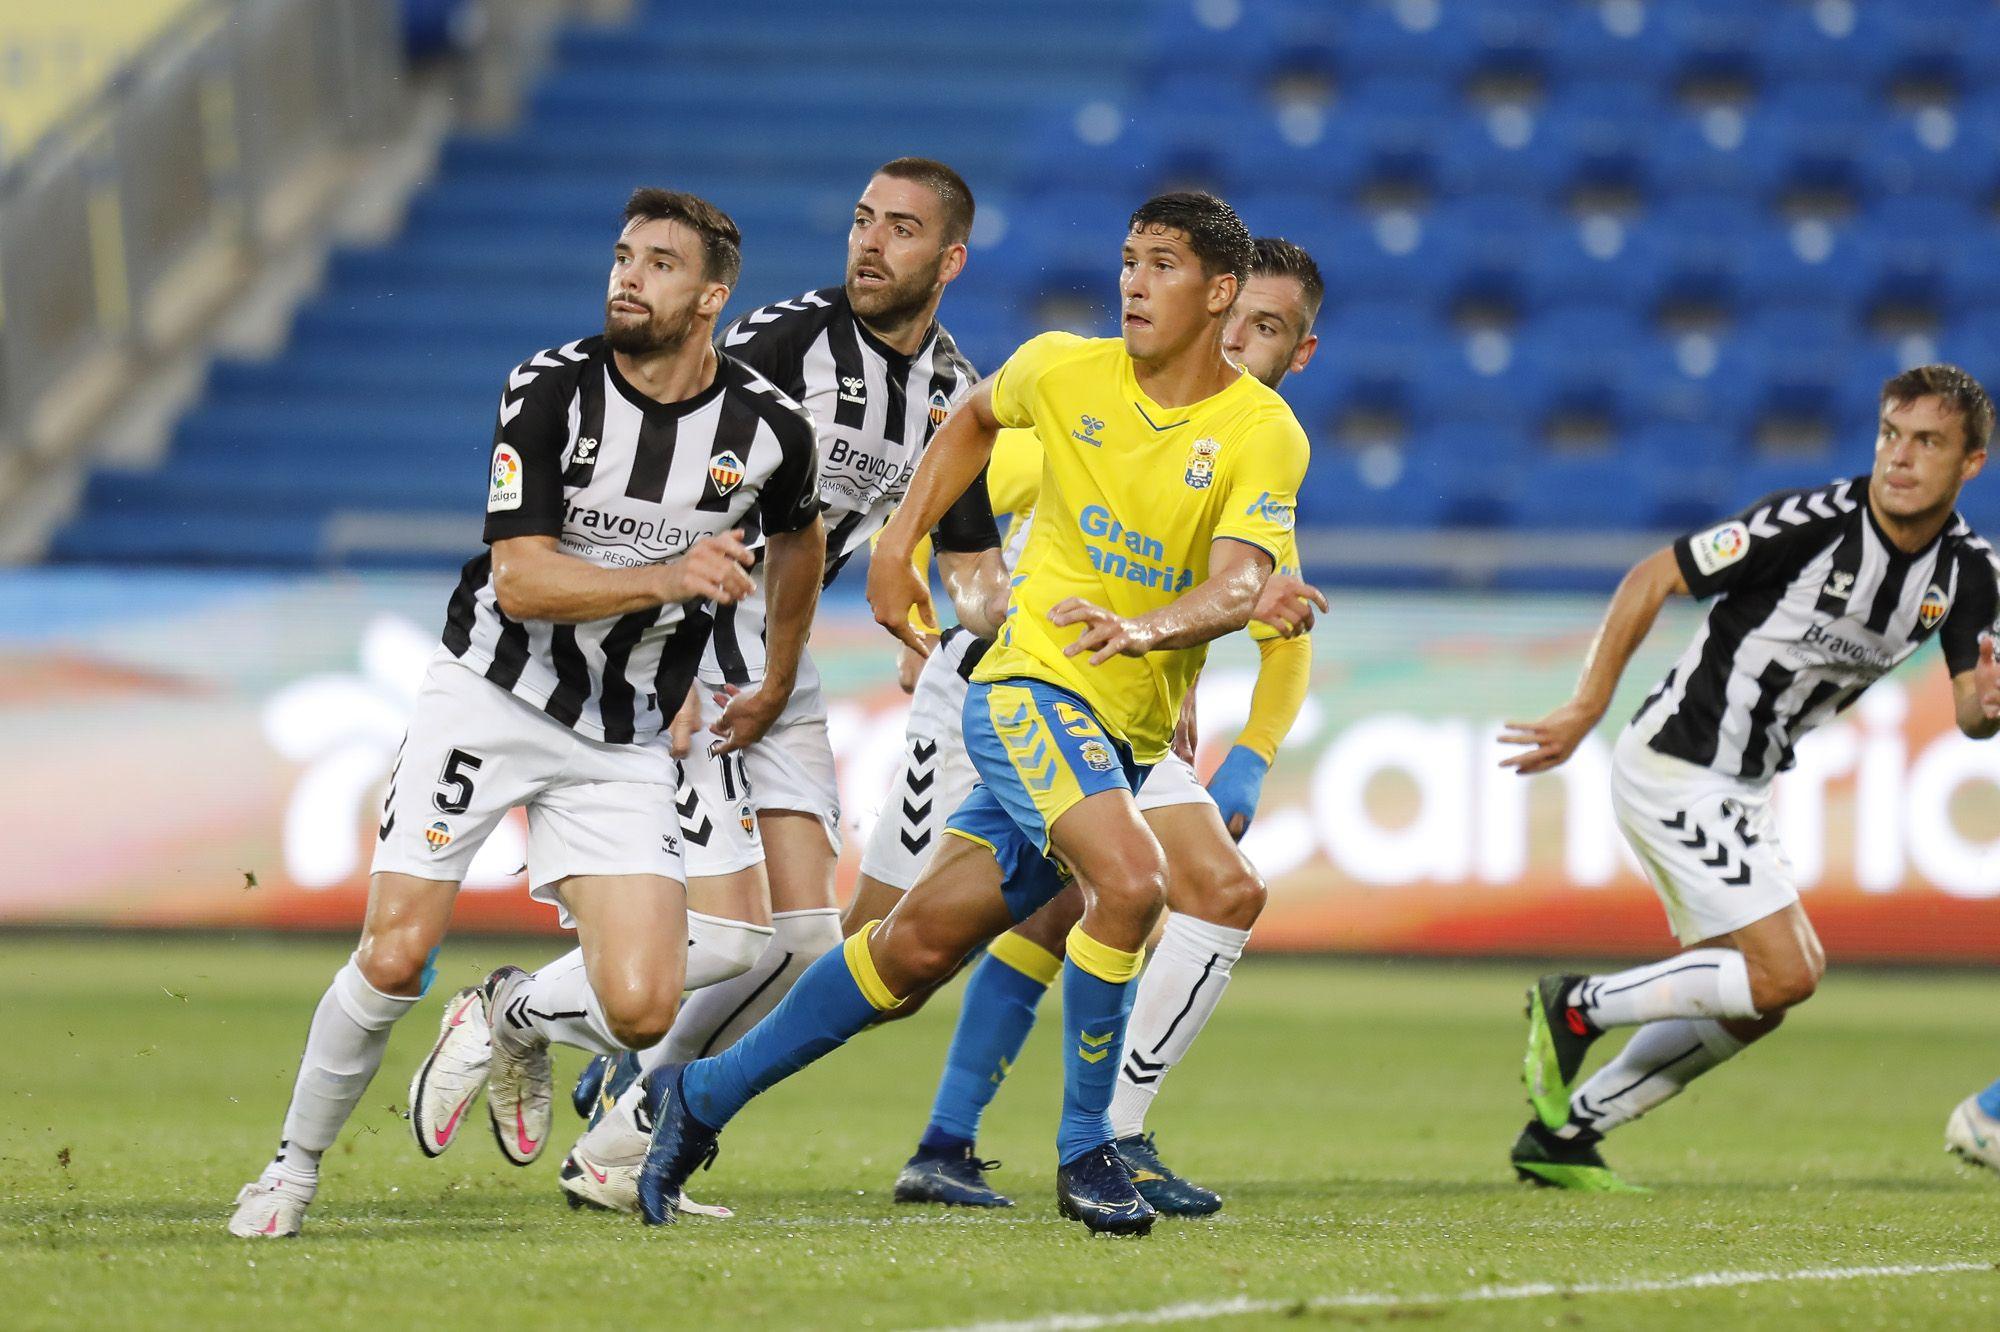 Partido UD Las Palmas - CD Castellón (2-1)